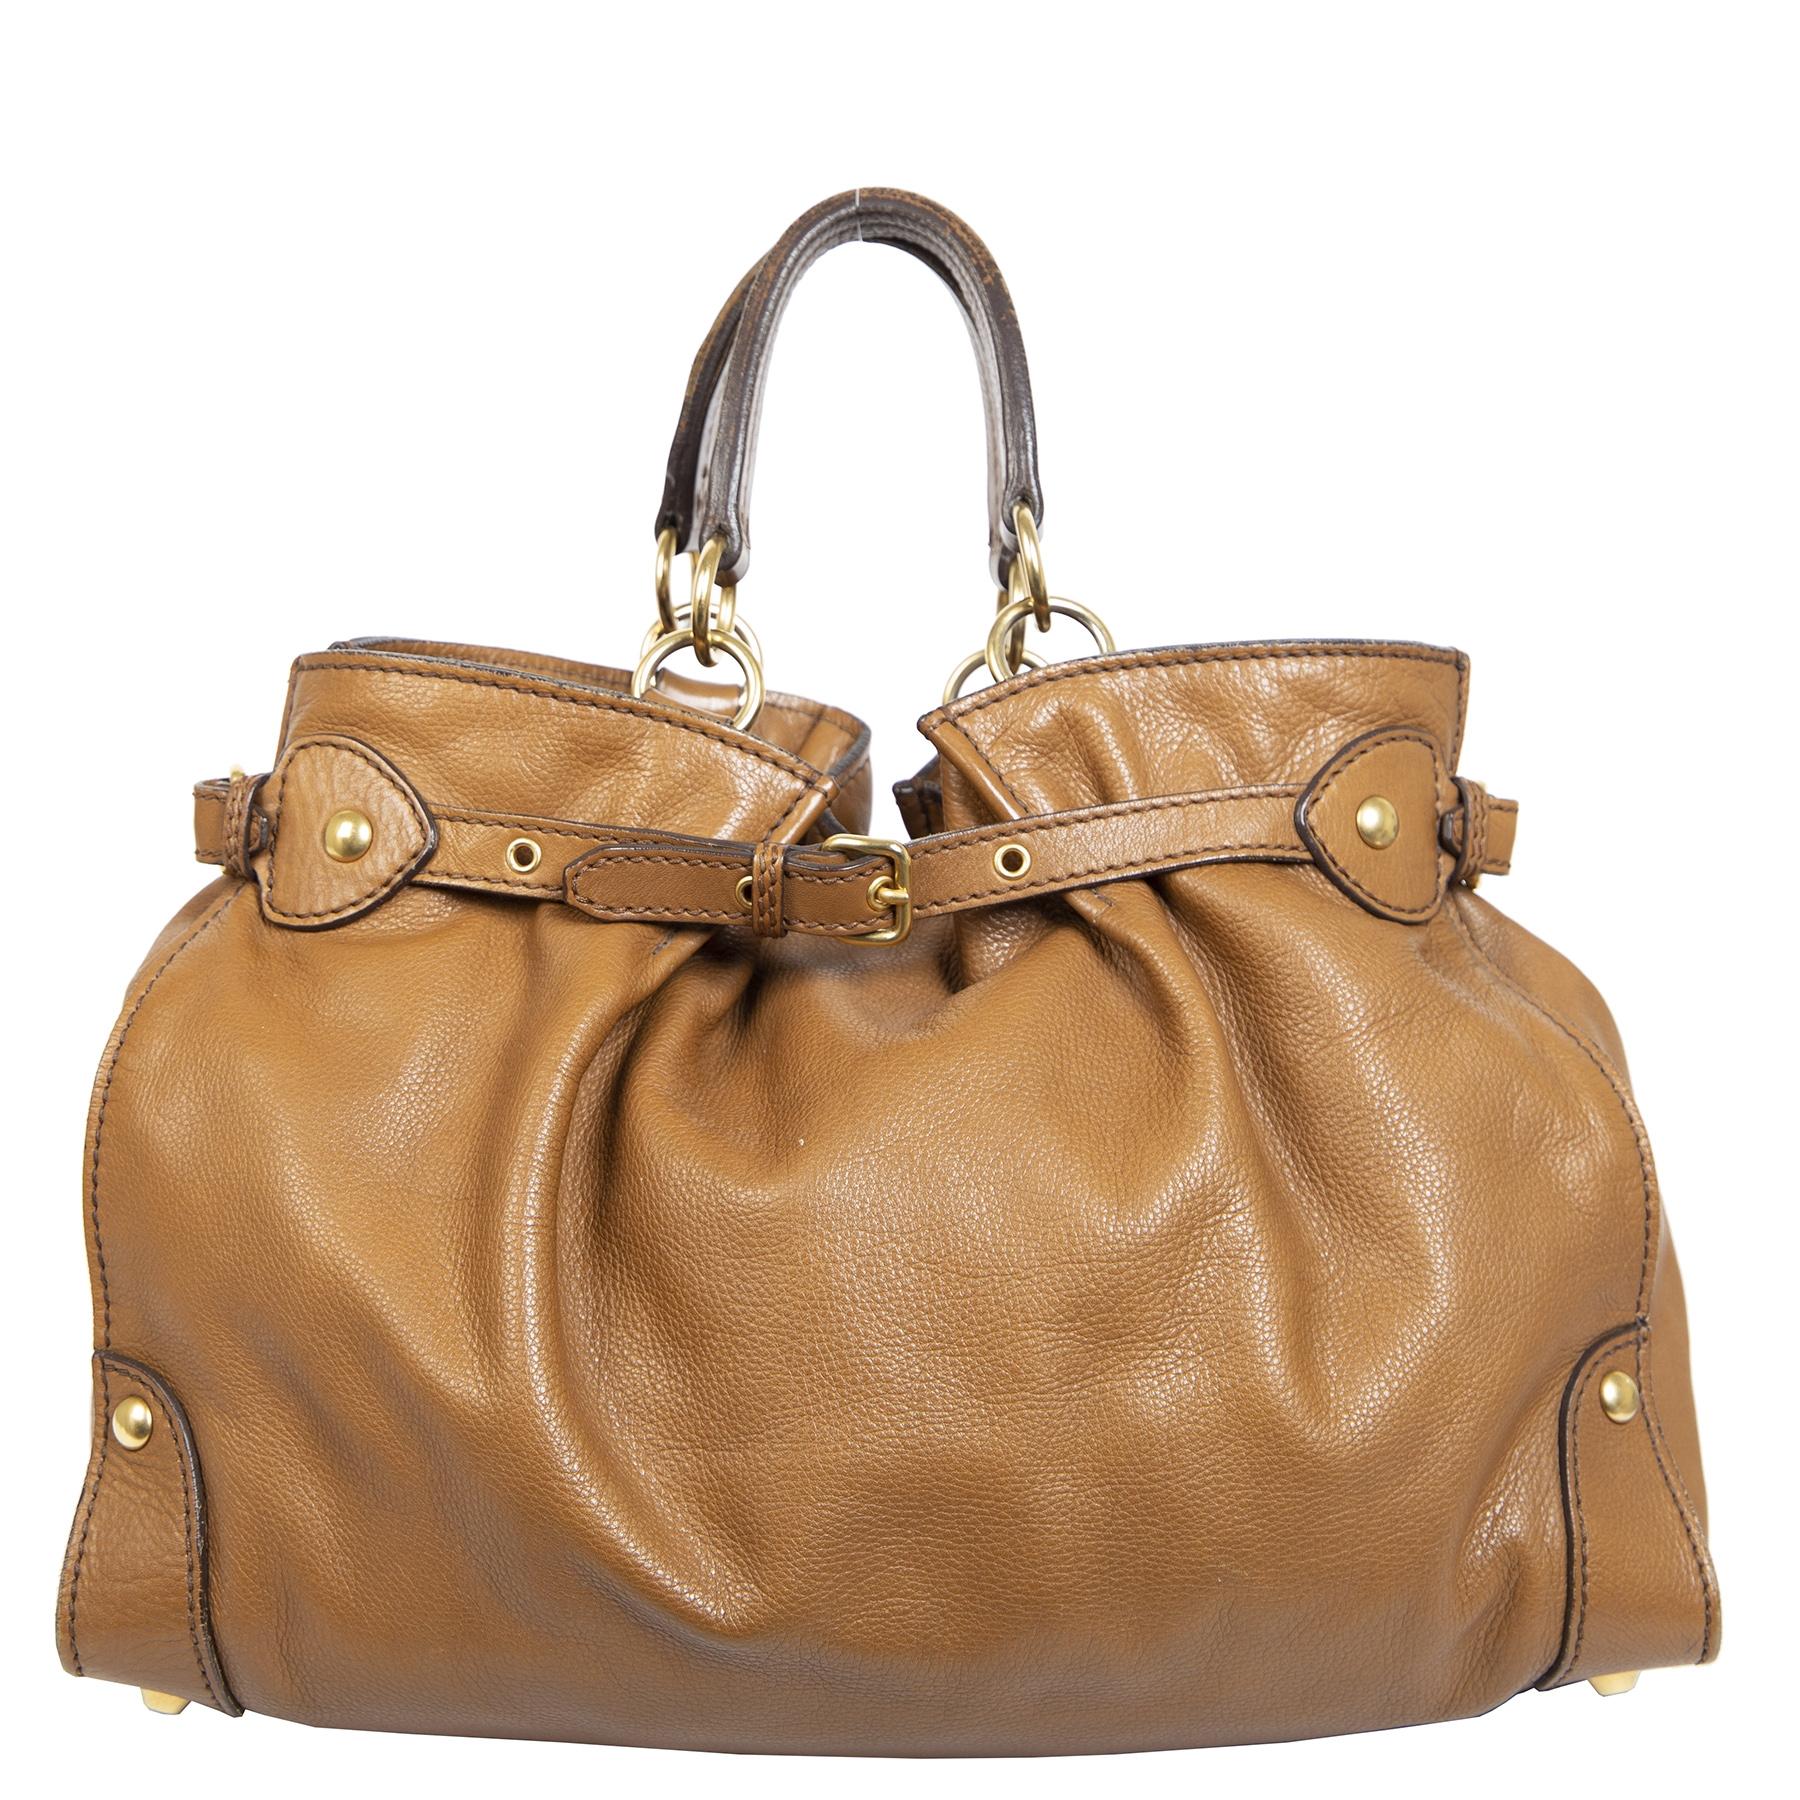 Authentieke Tweedehands Miu Miu Caramel Brown Leather Bag juiste prijs veilig online shoppen luxe merken webshop winkelen Antwerpen België mode fashion